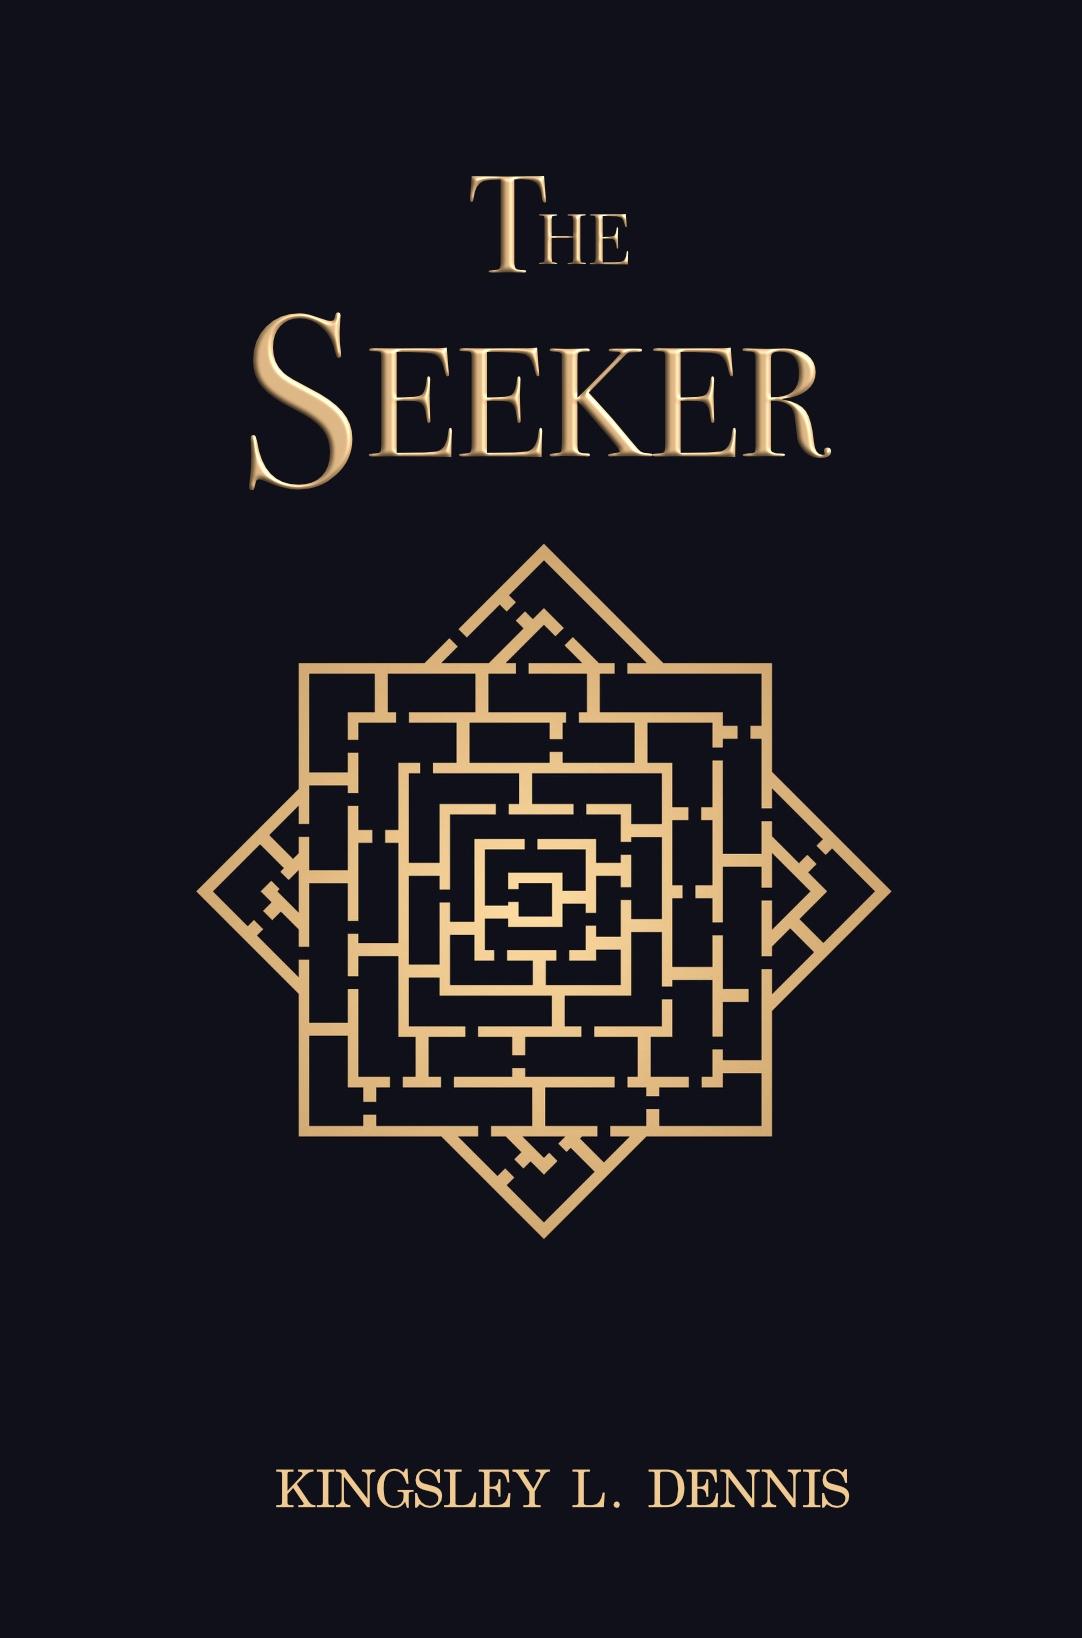 Kingsley L. Dennis- The Seeker